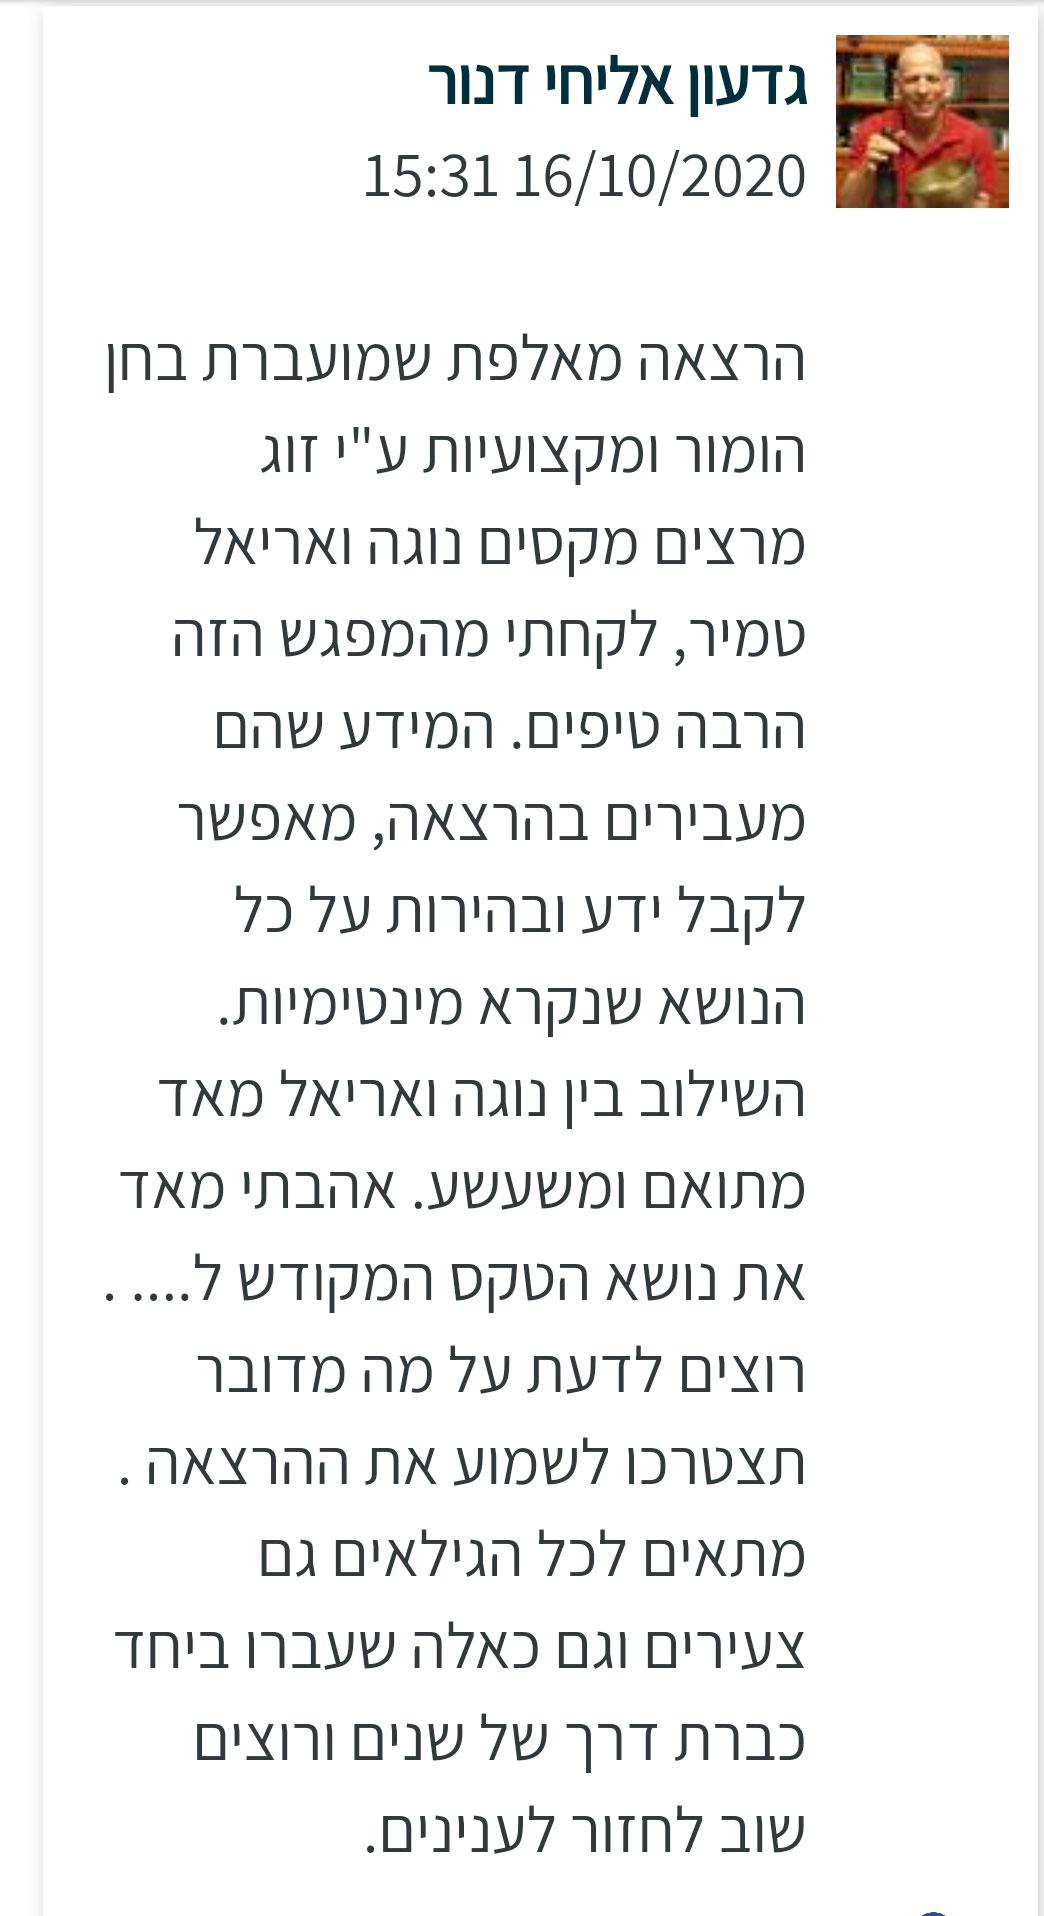 המלצה על נוגה ואריאל טמיר מאת גדעון אליחי דנון